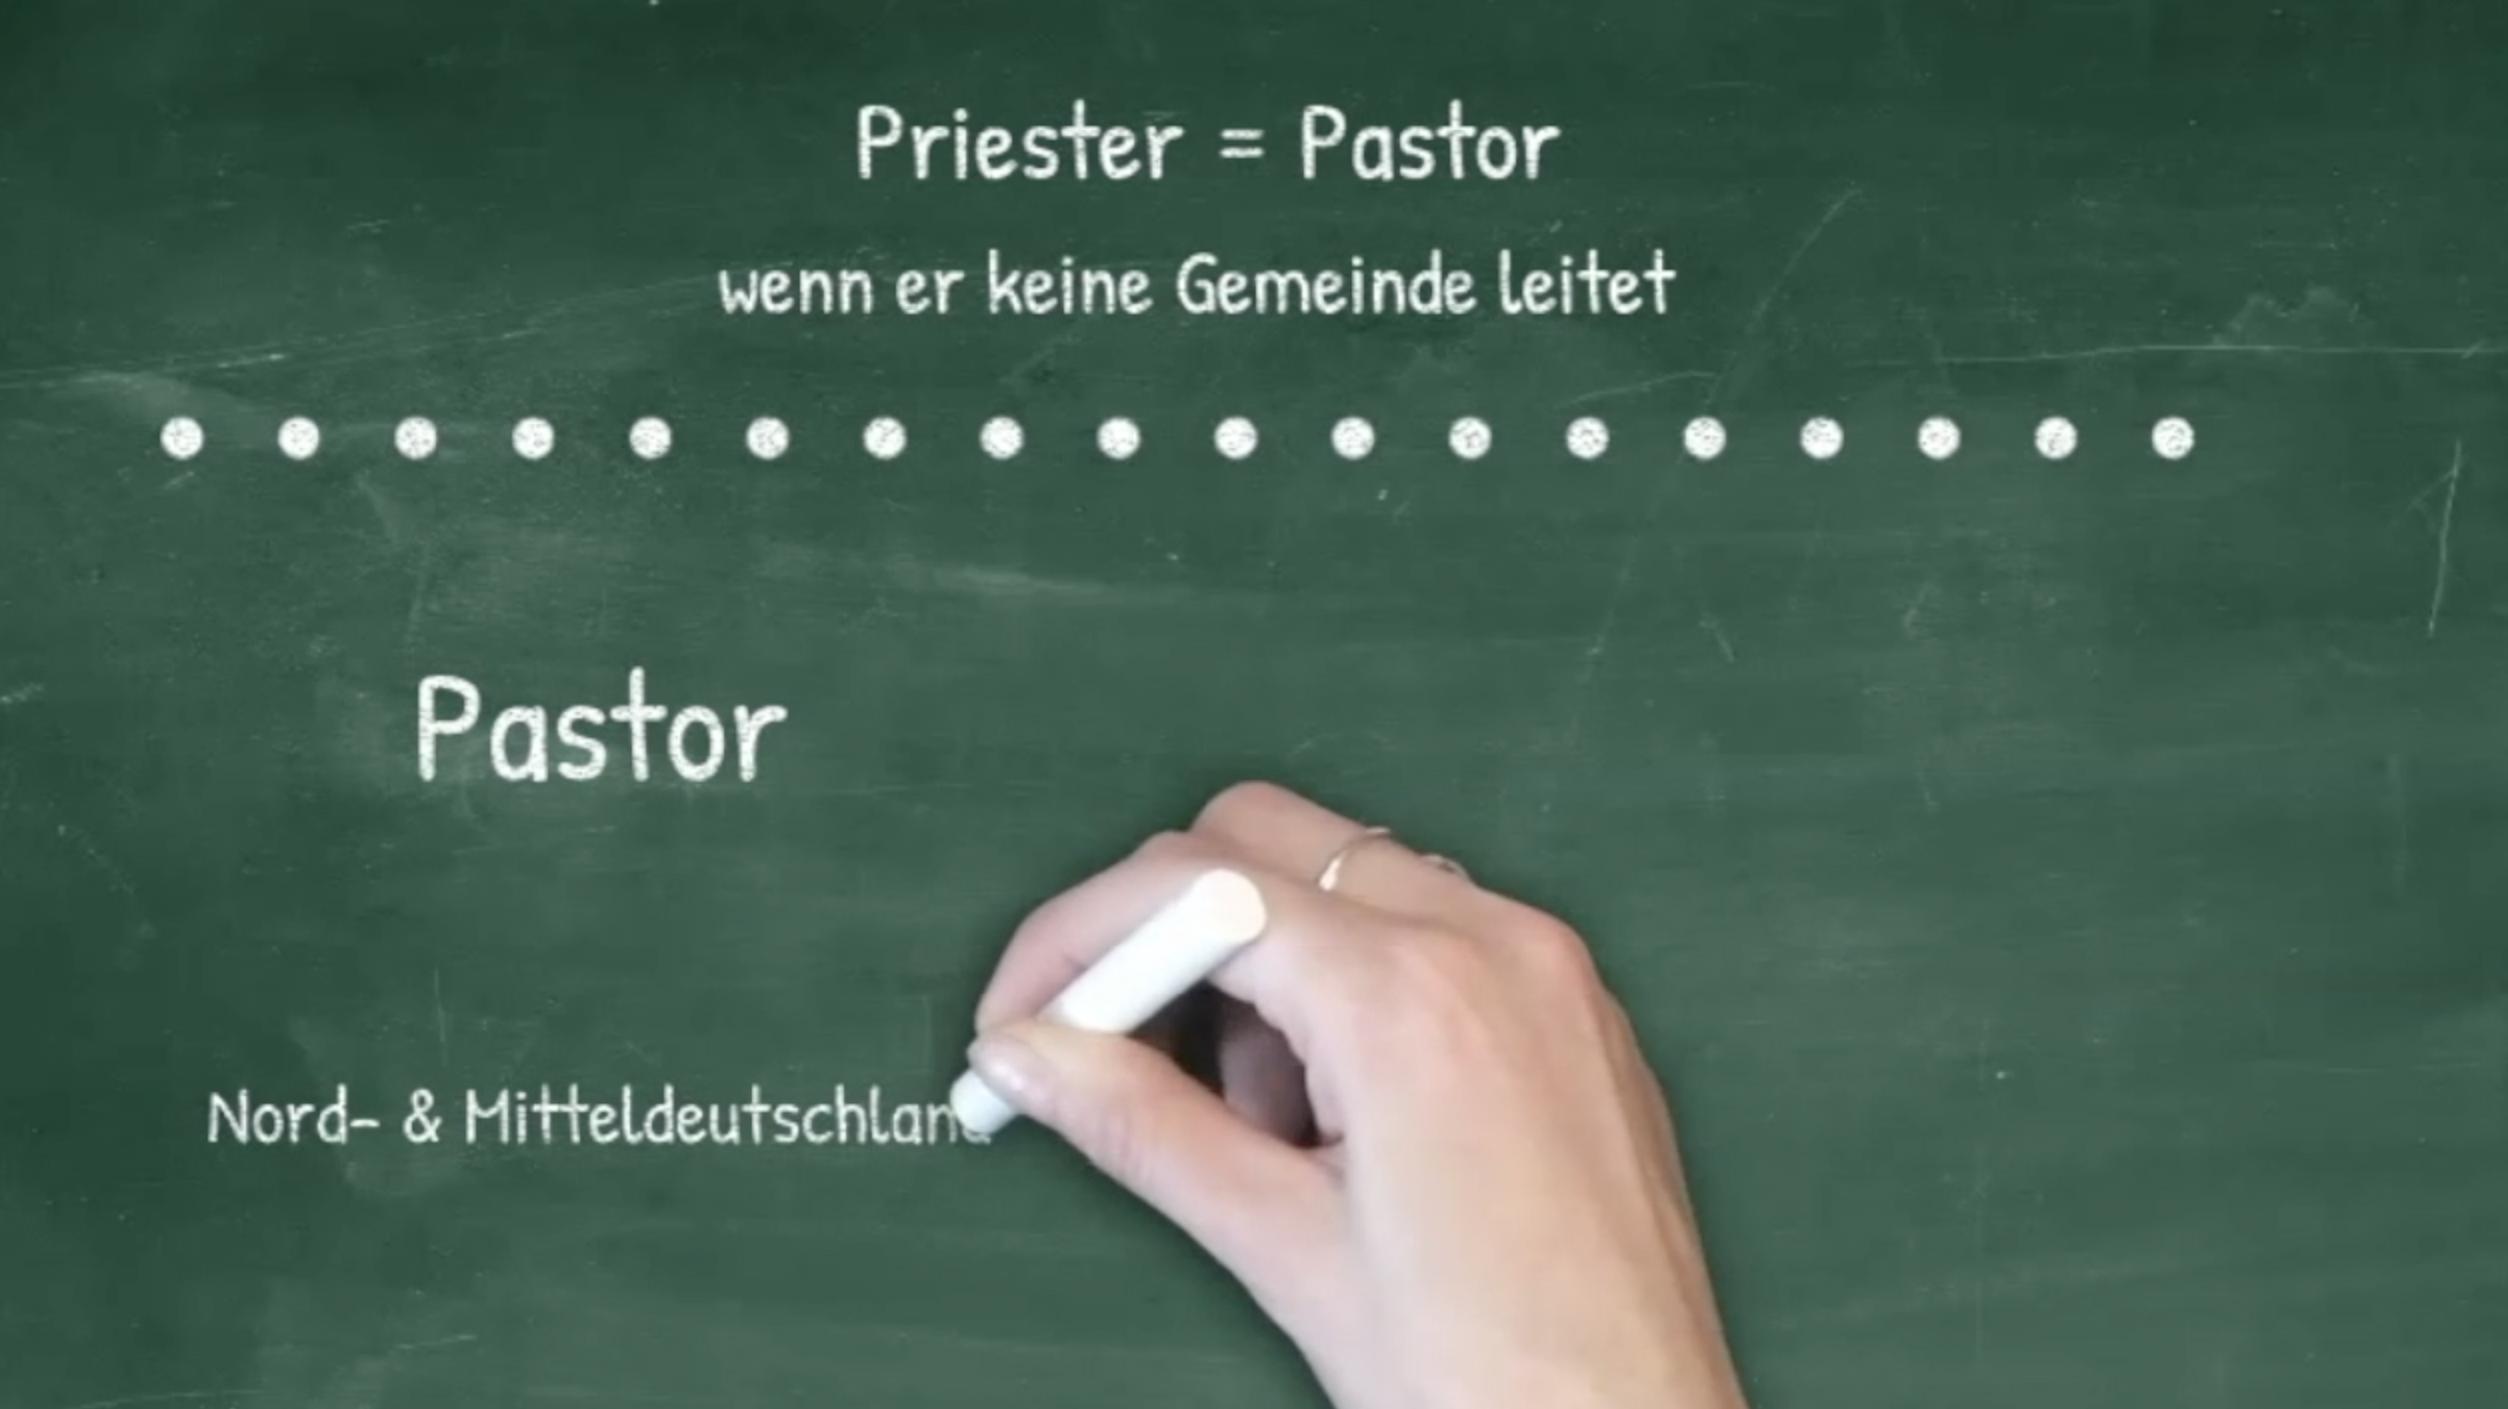 Kirche2go – zum Thema: was ist der Unterschied zwischen Priester, Pfarrer oder Pastor?